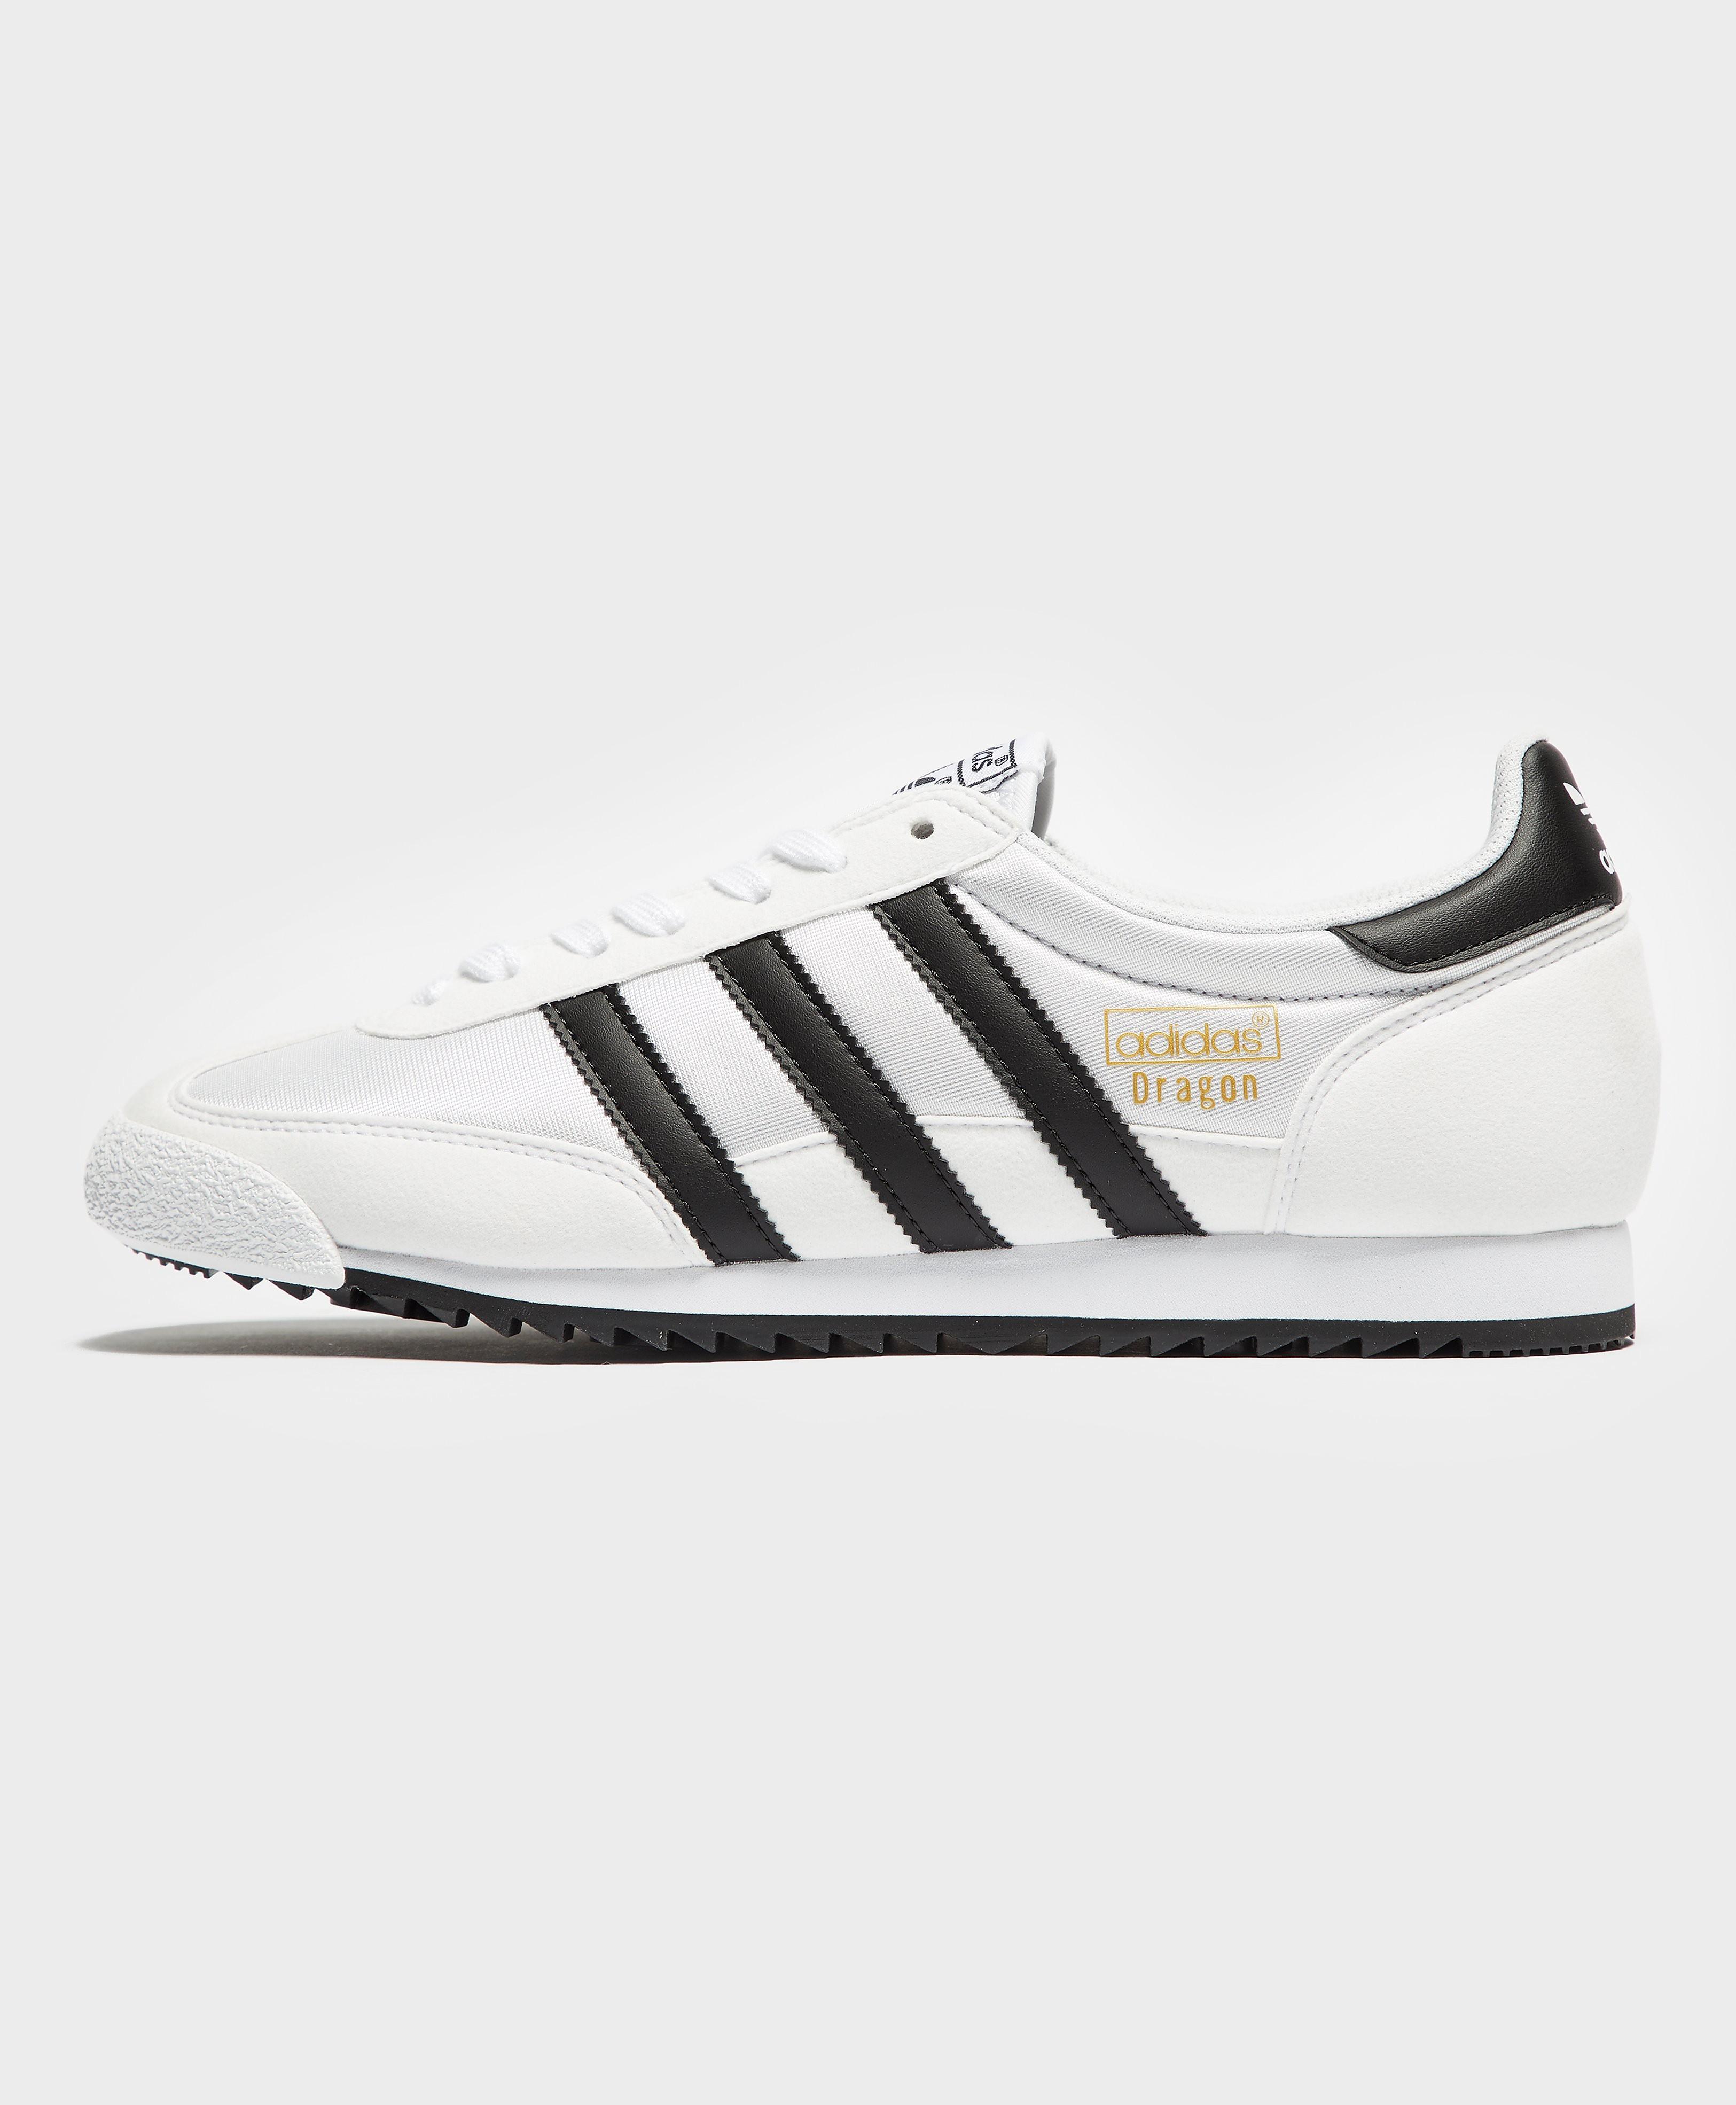 adidas Originals Dragon Vintage  White White